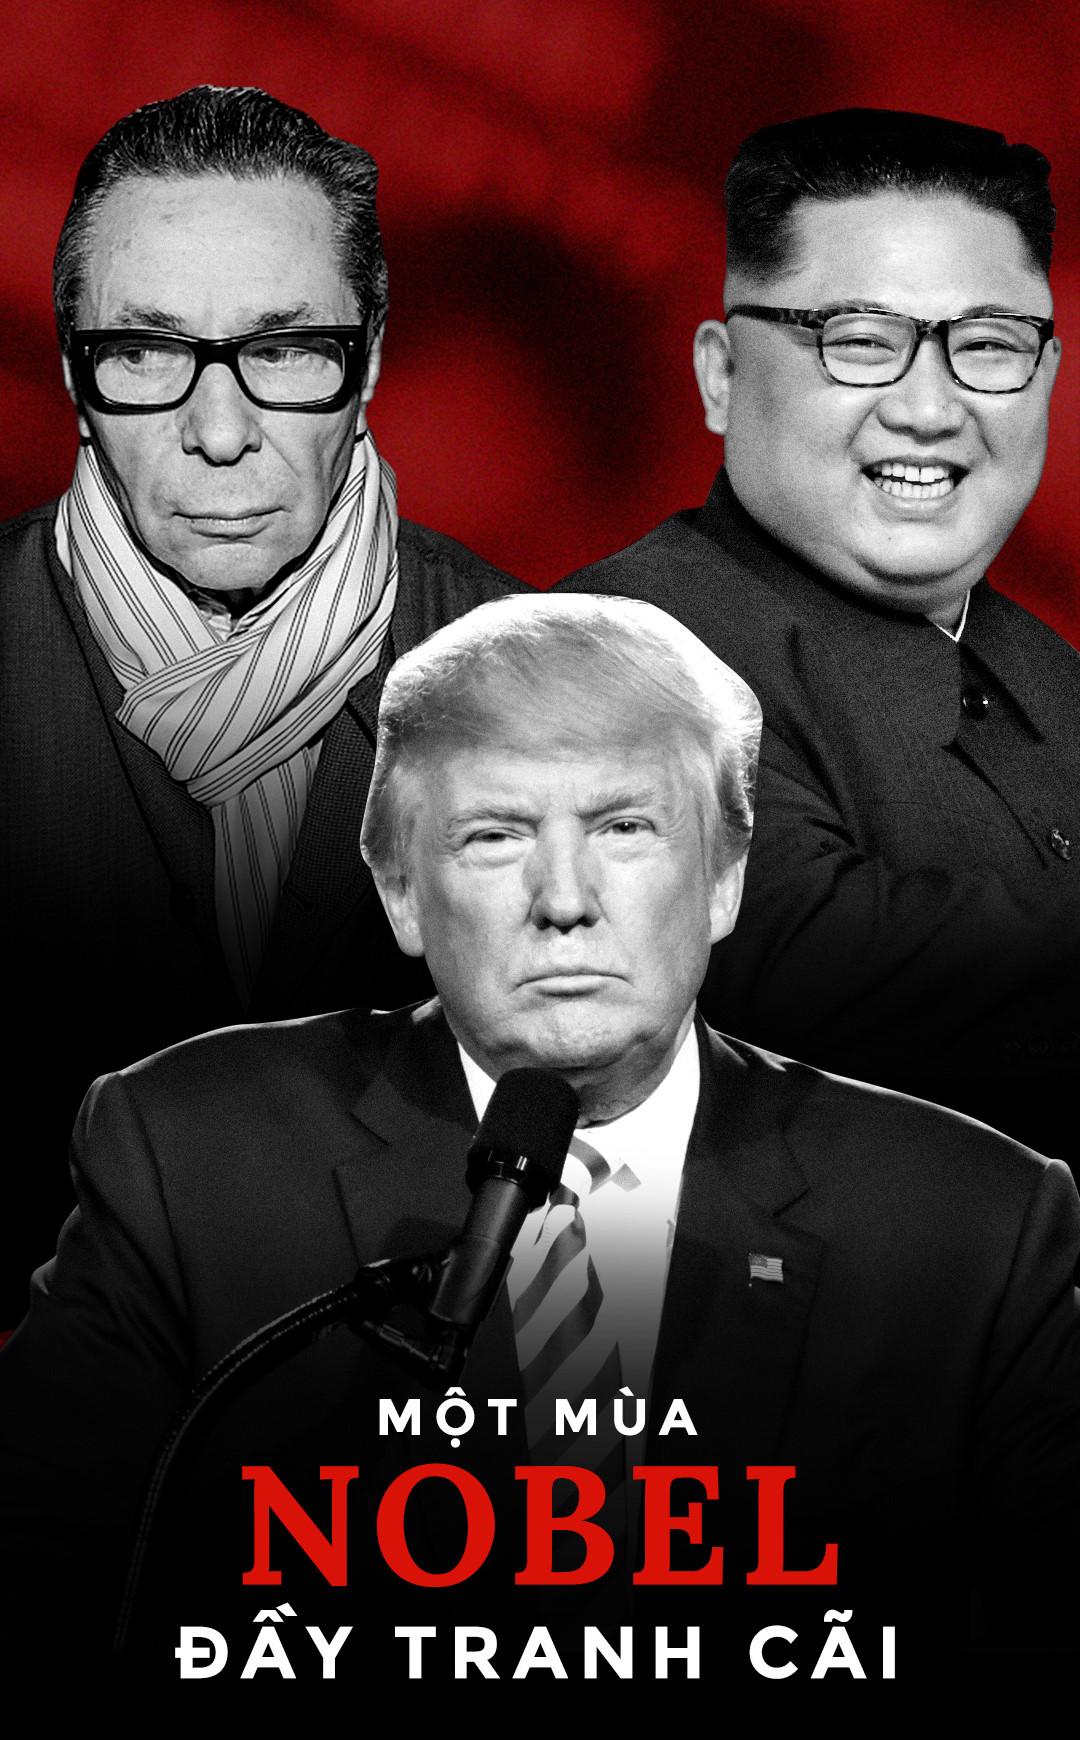 Mùa Nobel tranh cãi - Hủy giải văn học, TT Trump nhận Nobel Hòa bình? Ảnh 1